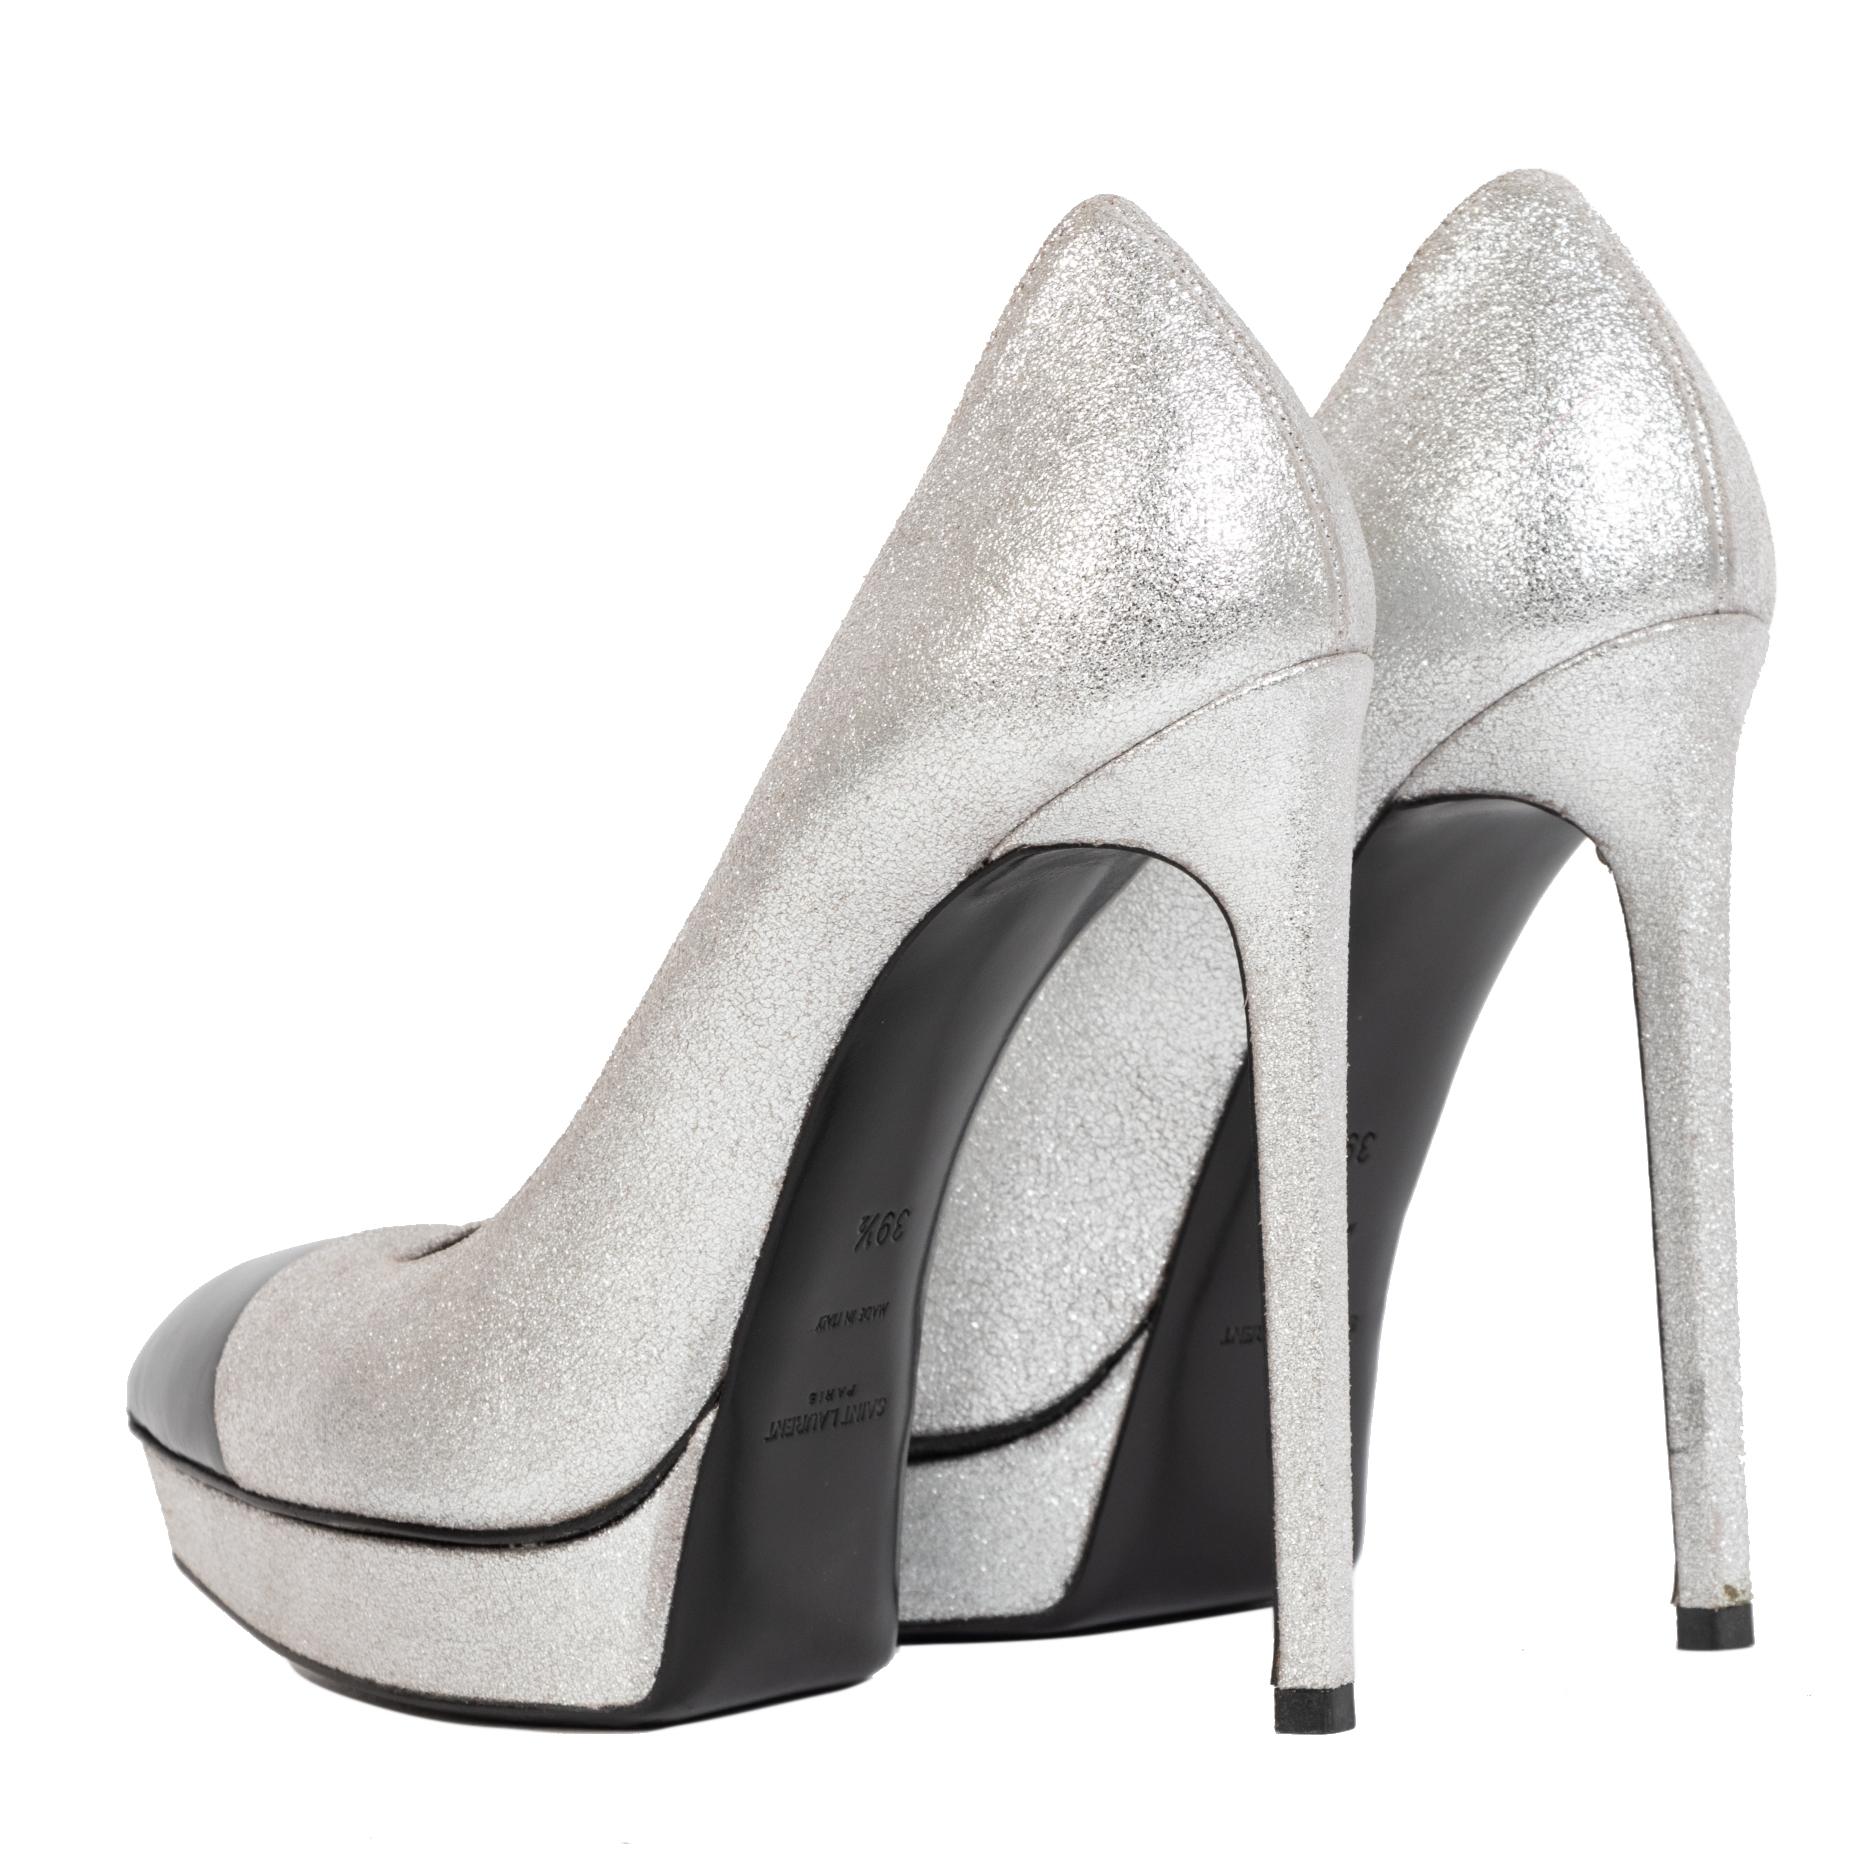 Authentieke Tweedehands Saint Laurent Glitter Platform Pumps - Size 39,5 juiste prijs veilig online shoppen luxe merken webshop winkelen Antwerpen België mode fashion